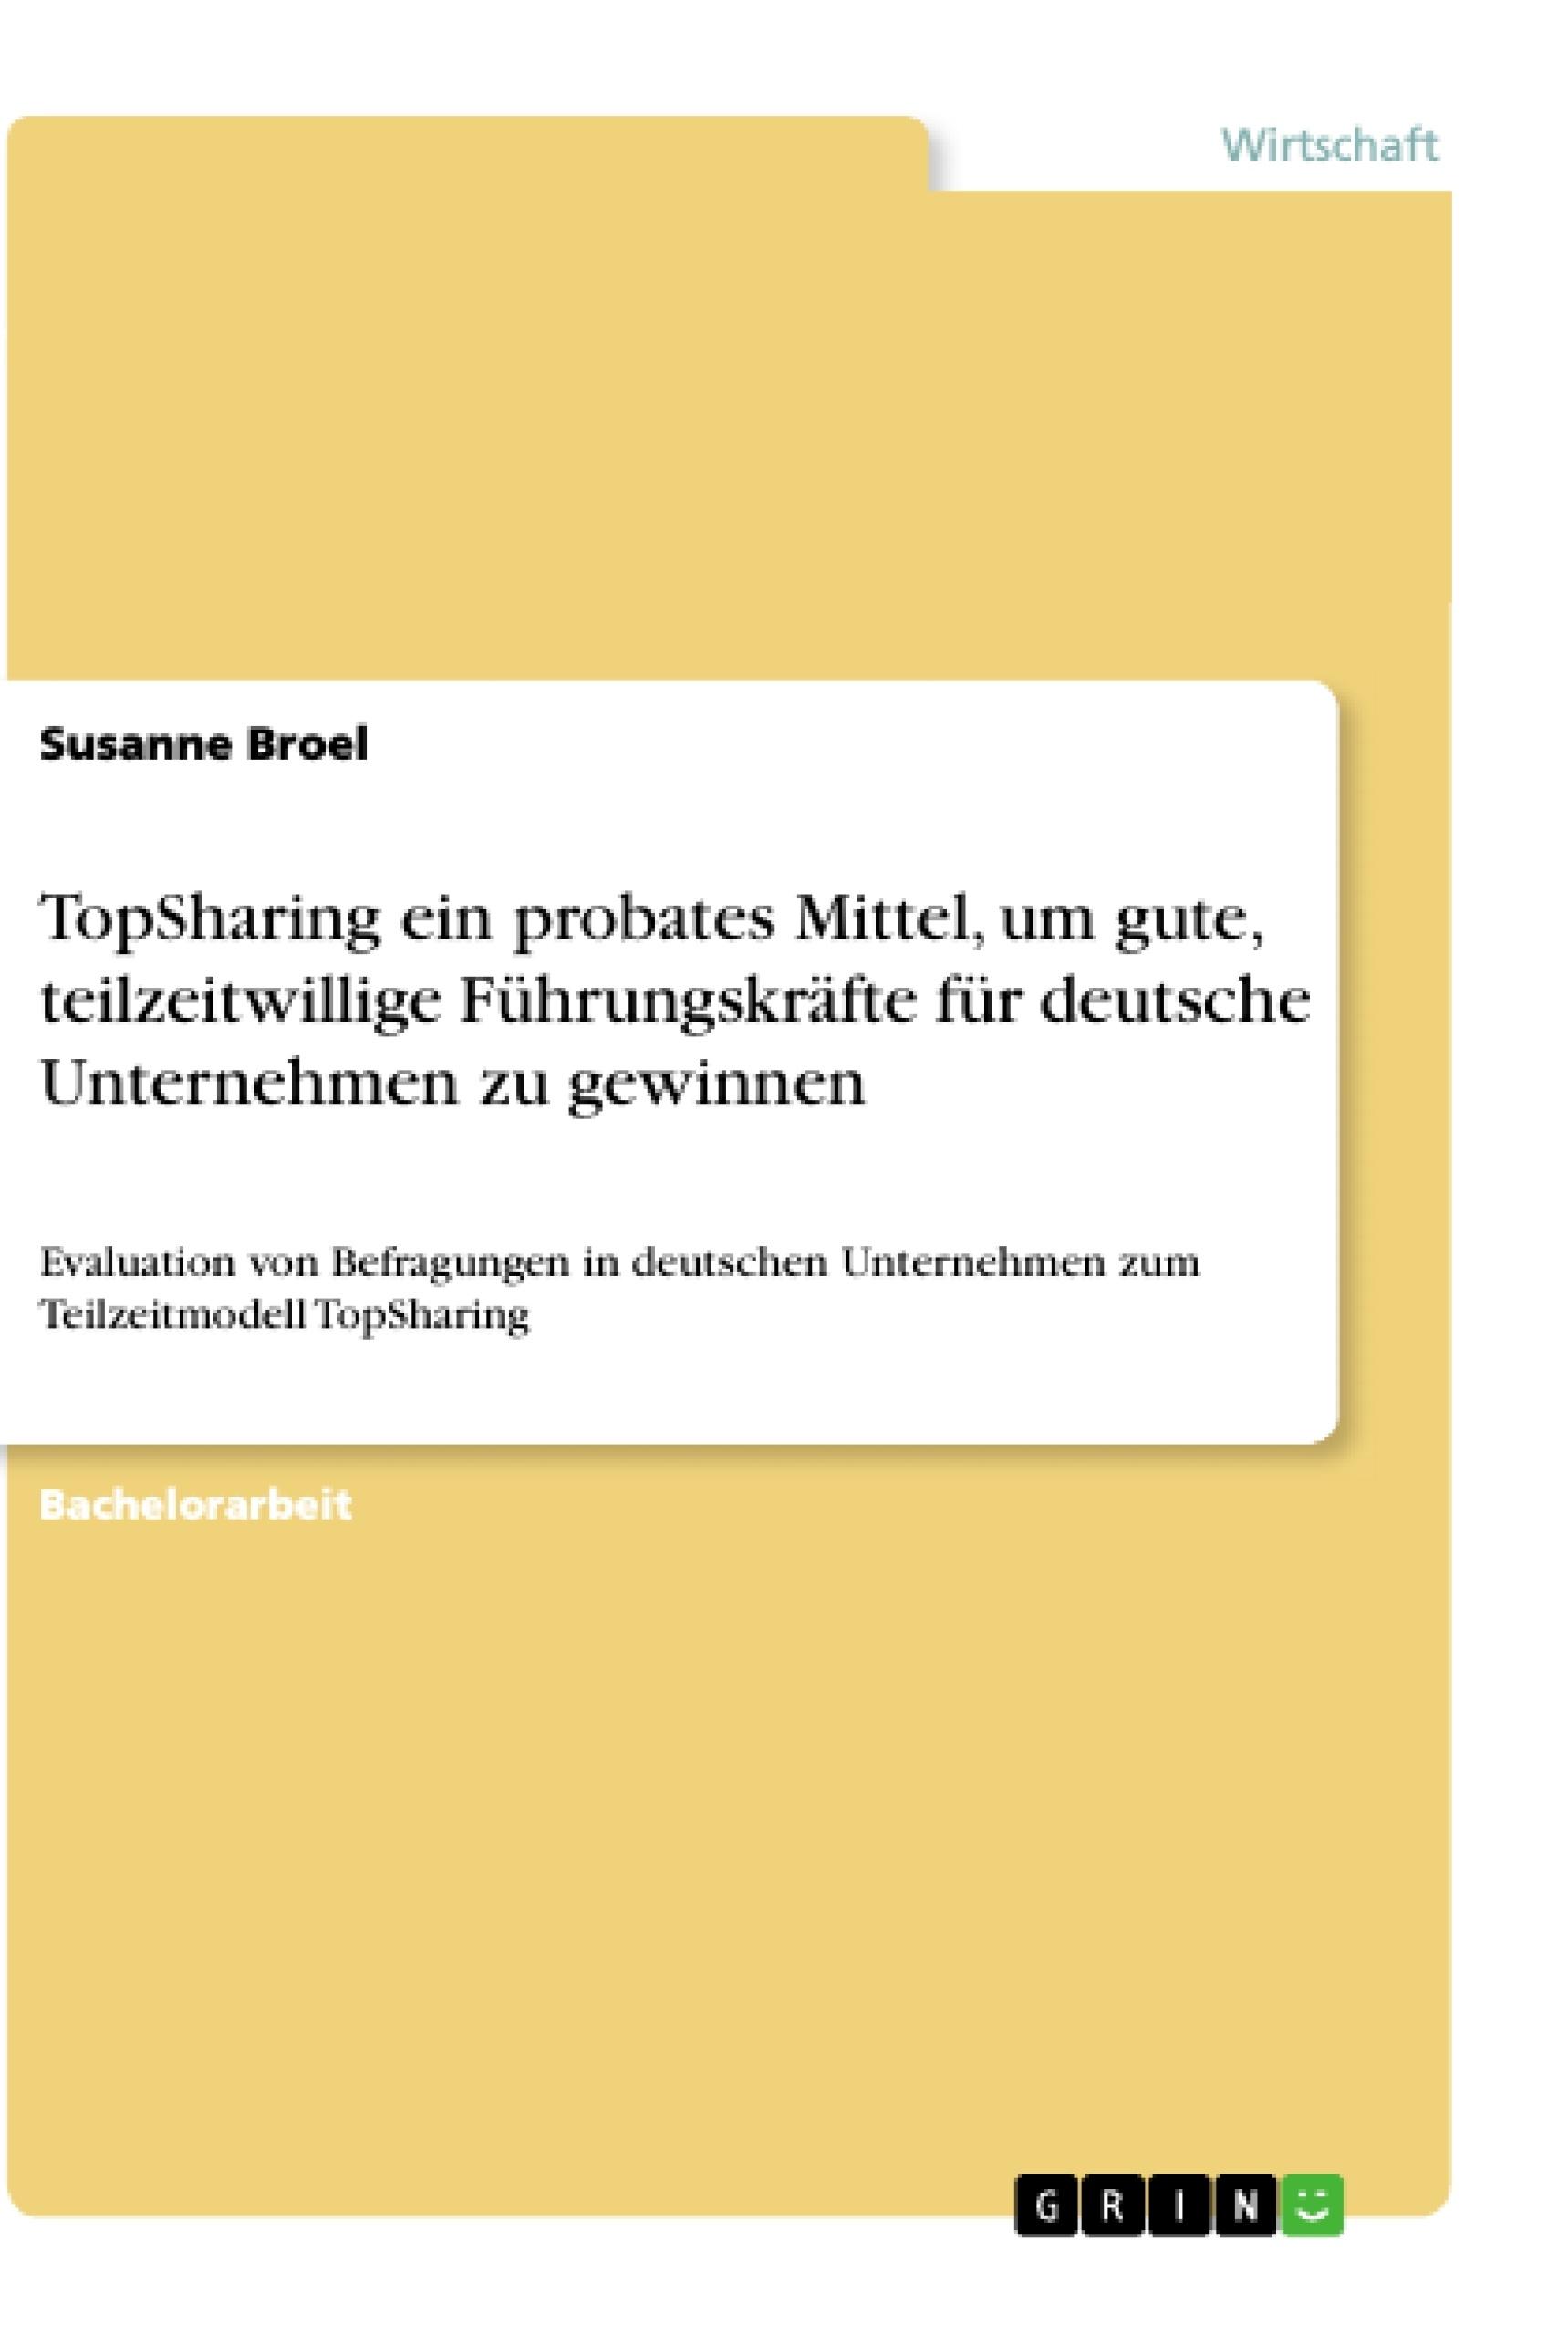 Titel: TopSharing ein probates Mittel, um gute, teilzeitwillige Führungskräfte für deutsche Unternehmen zu gewinnen